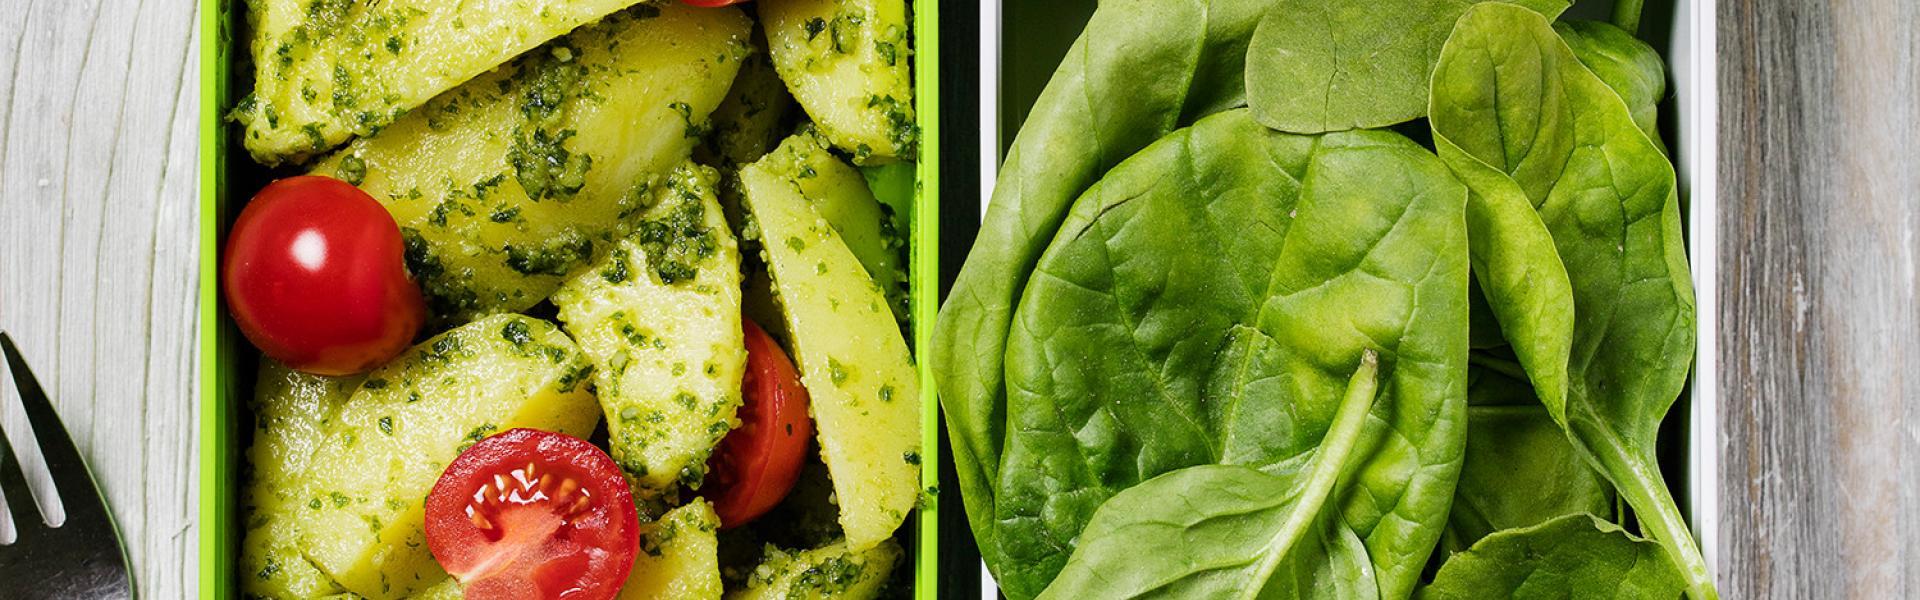 Kartoffelsalat mit Spinat Meal Prep in zwei Dosen angerichtet.